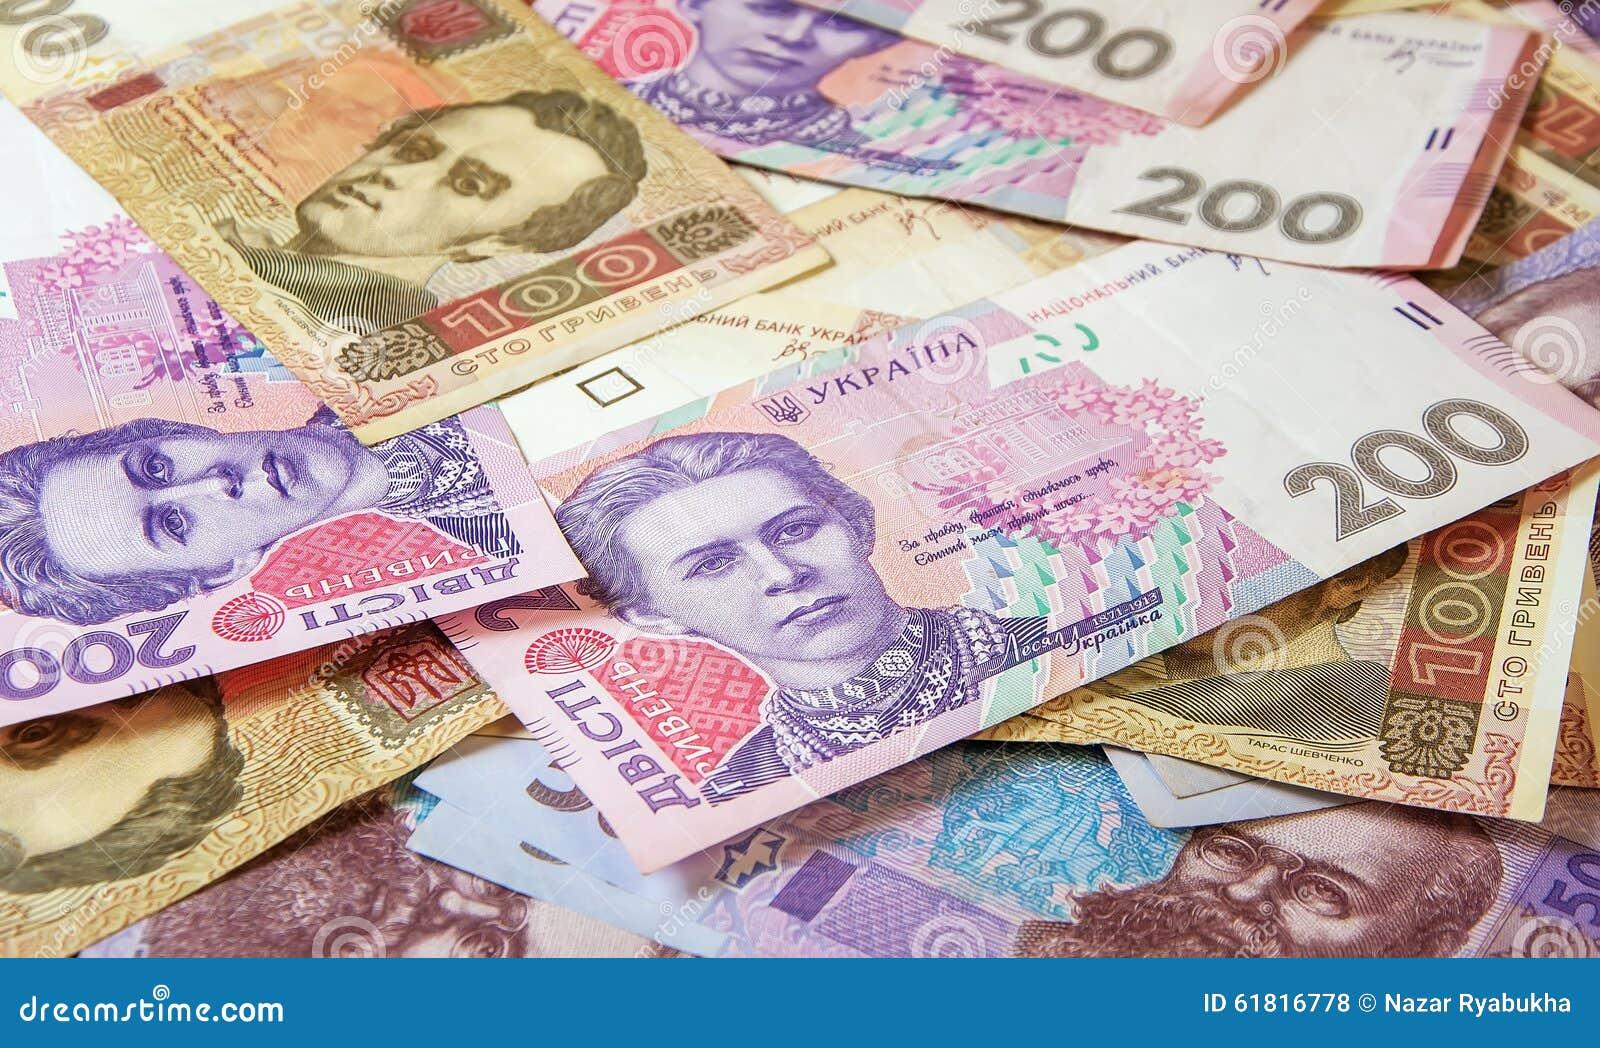 Women Ukraine Currency 106